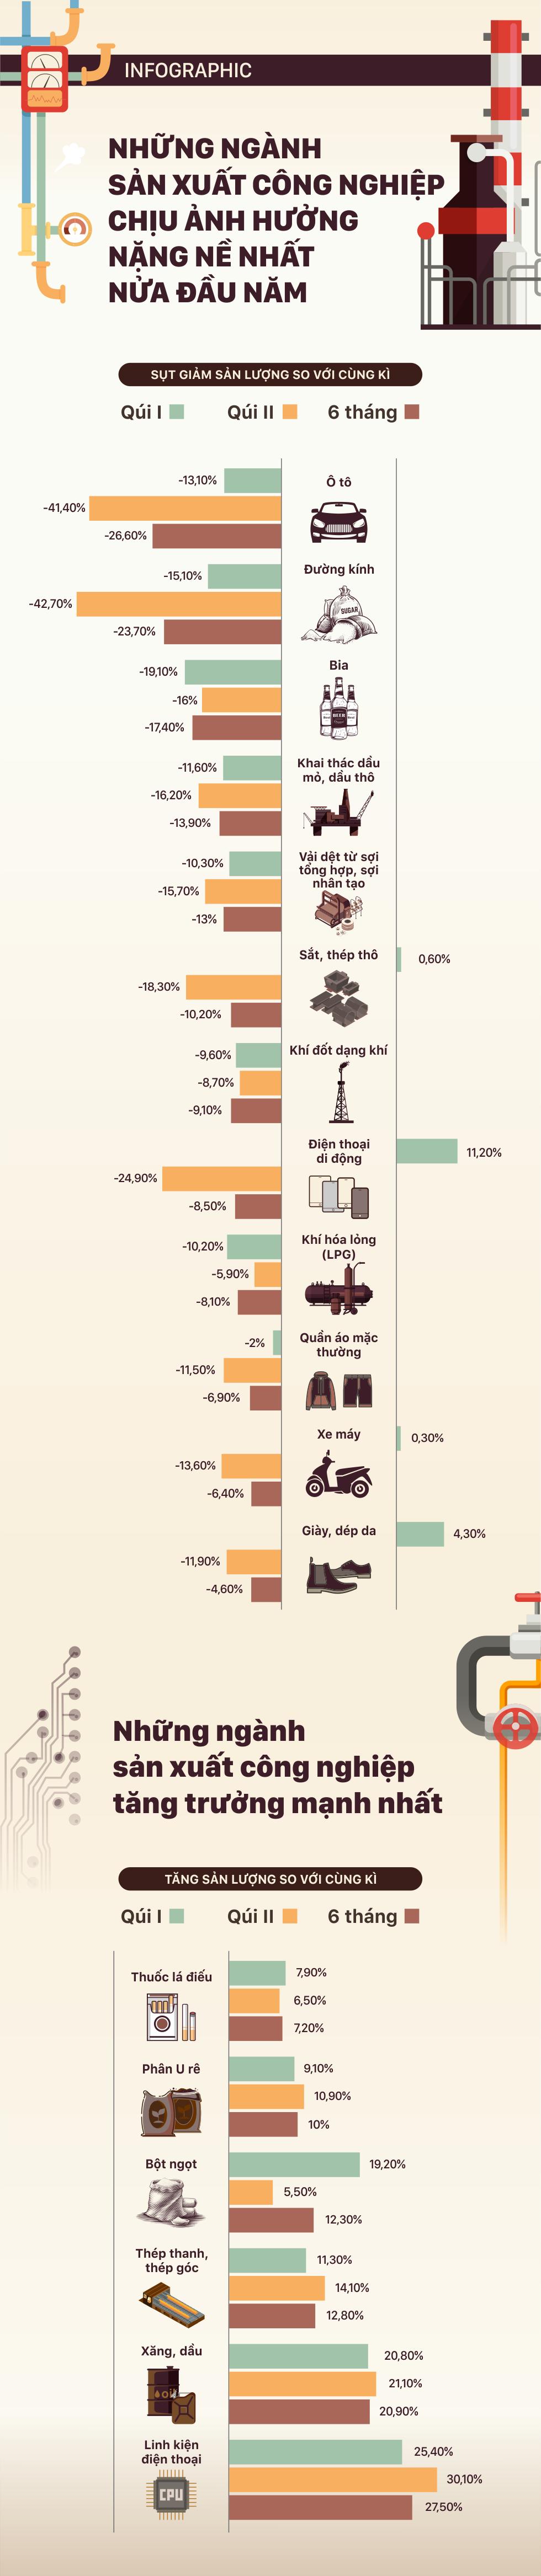 Những ngành sản xuất công nghiệp chịu tác động nặng nề nhất 6 tháng đầu năm - Ảnh 1.